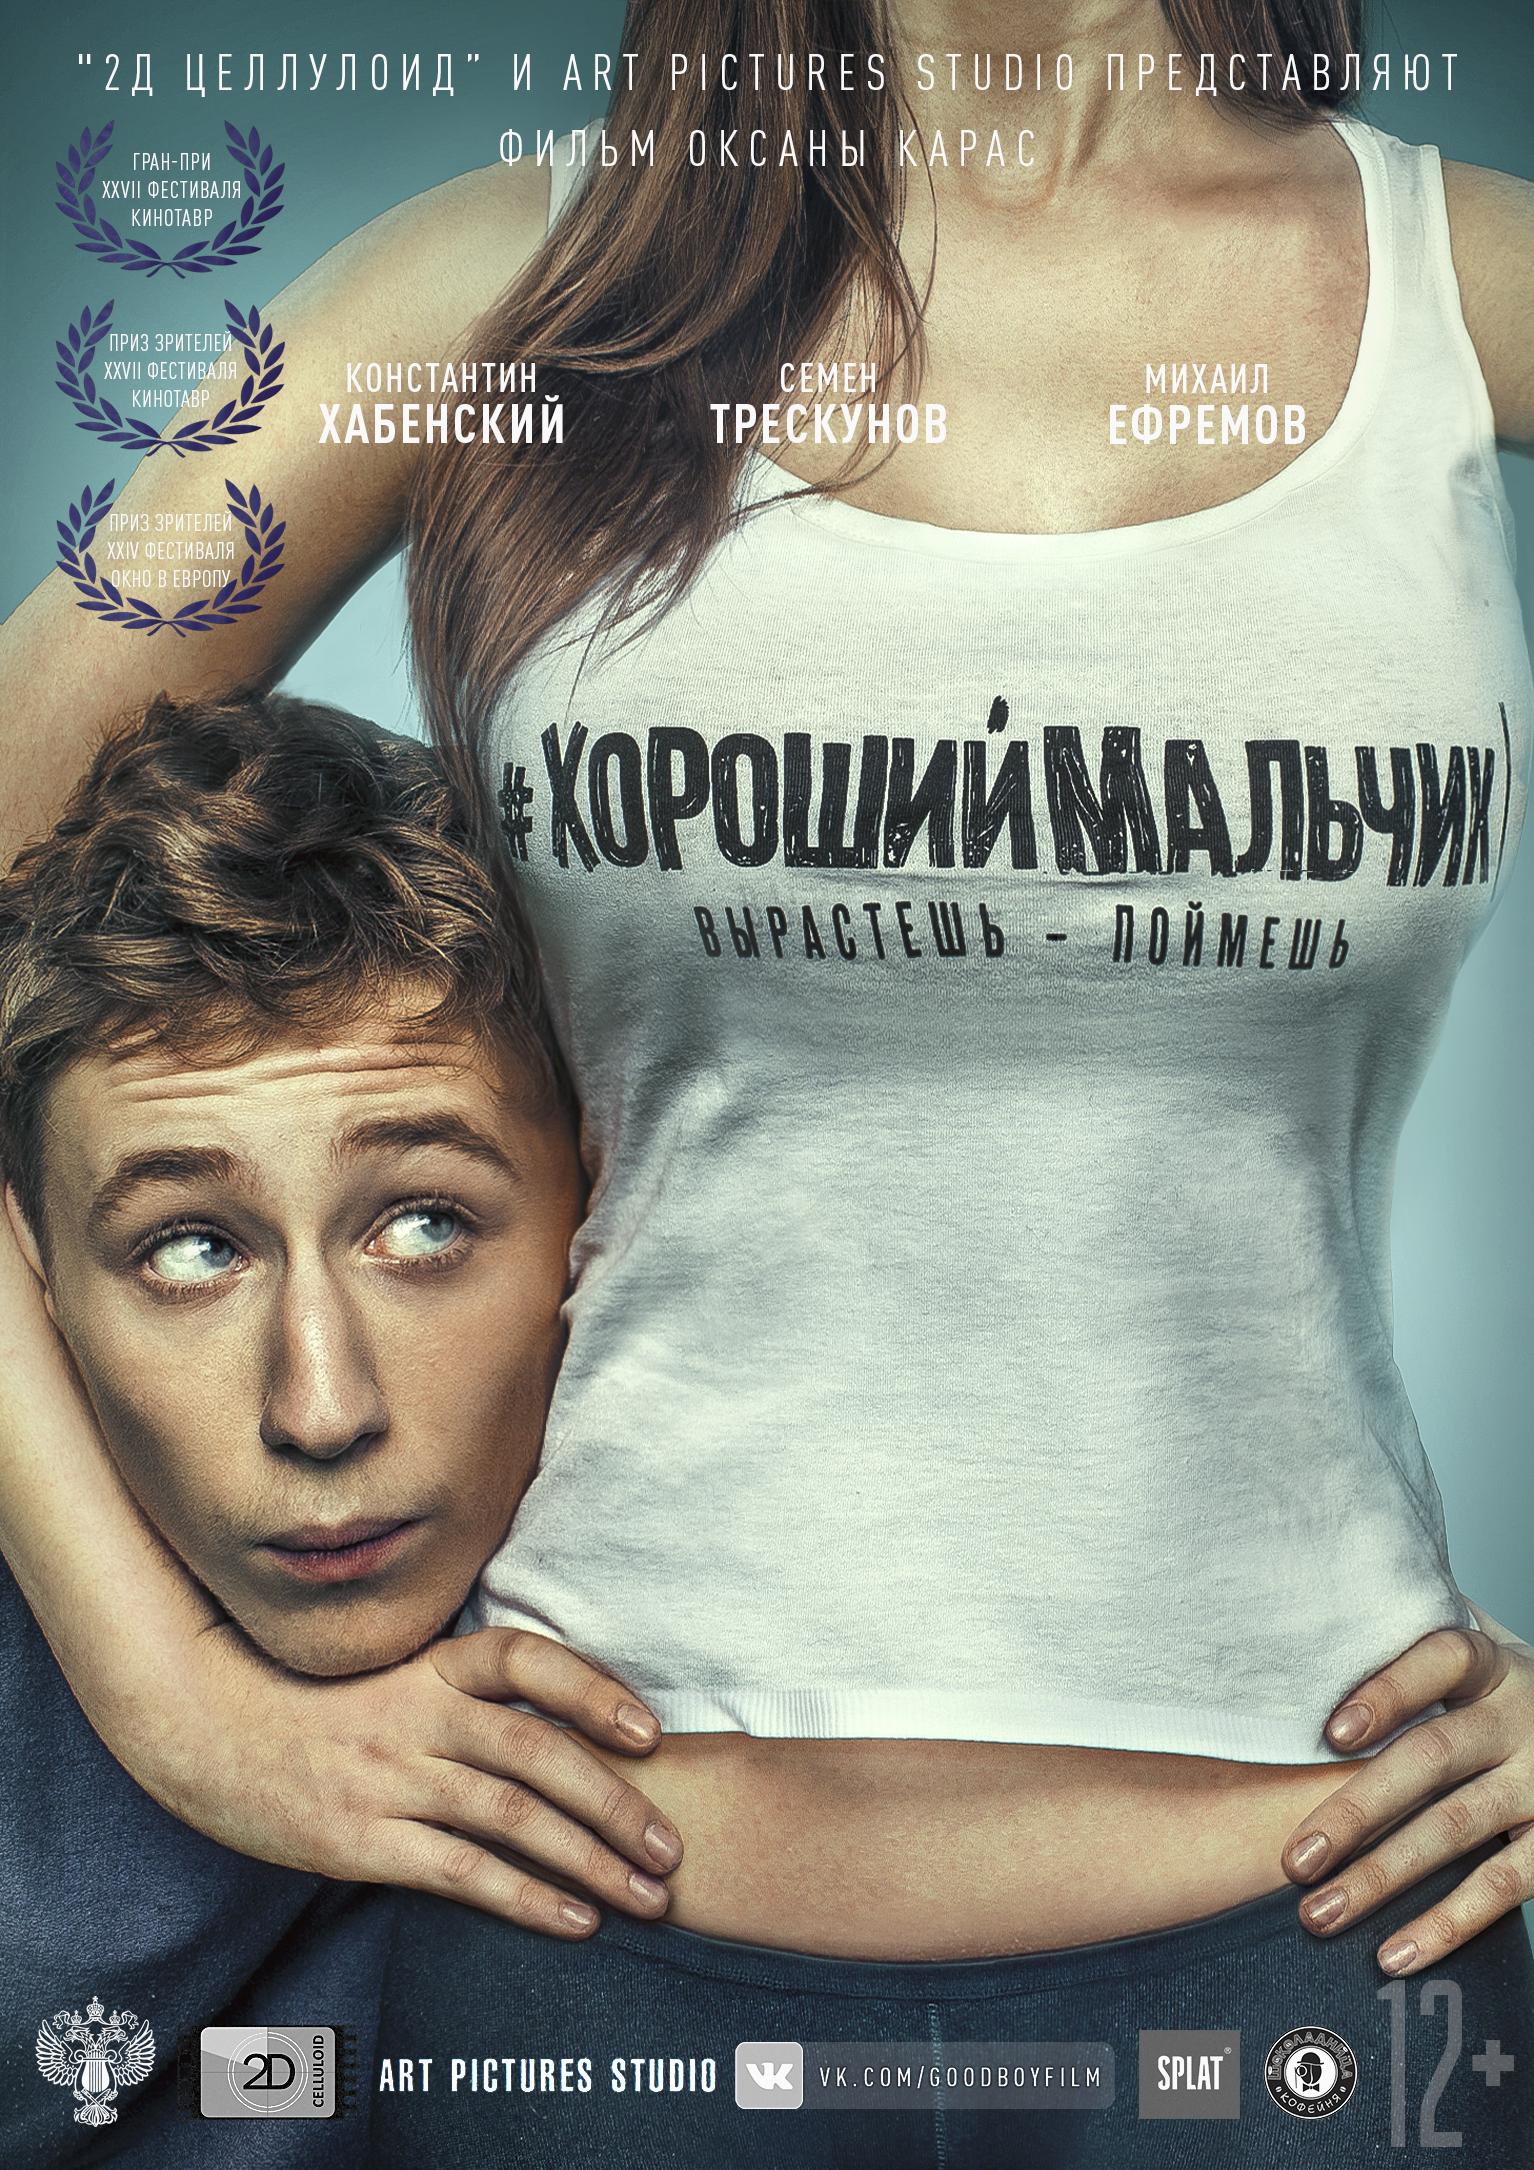 Смотреть фильмы онлайн бесплатно кино в хорошем качестве HD